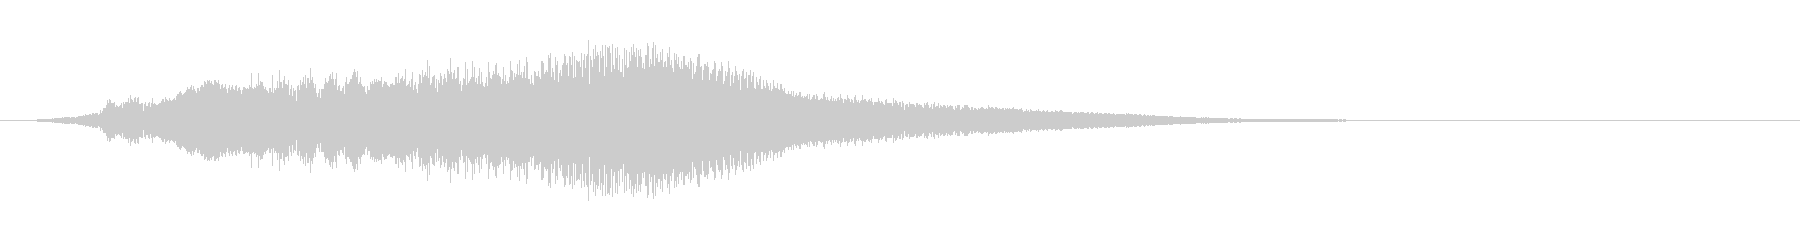 【ダーク】シーン_22 不穏な空気の未再生の波形